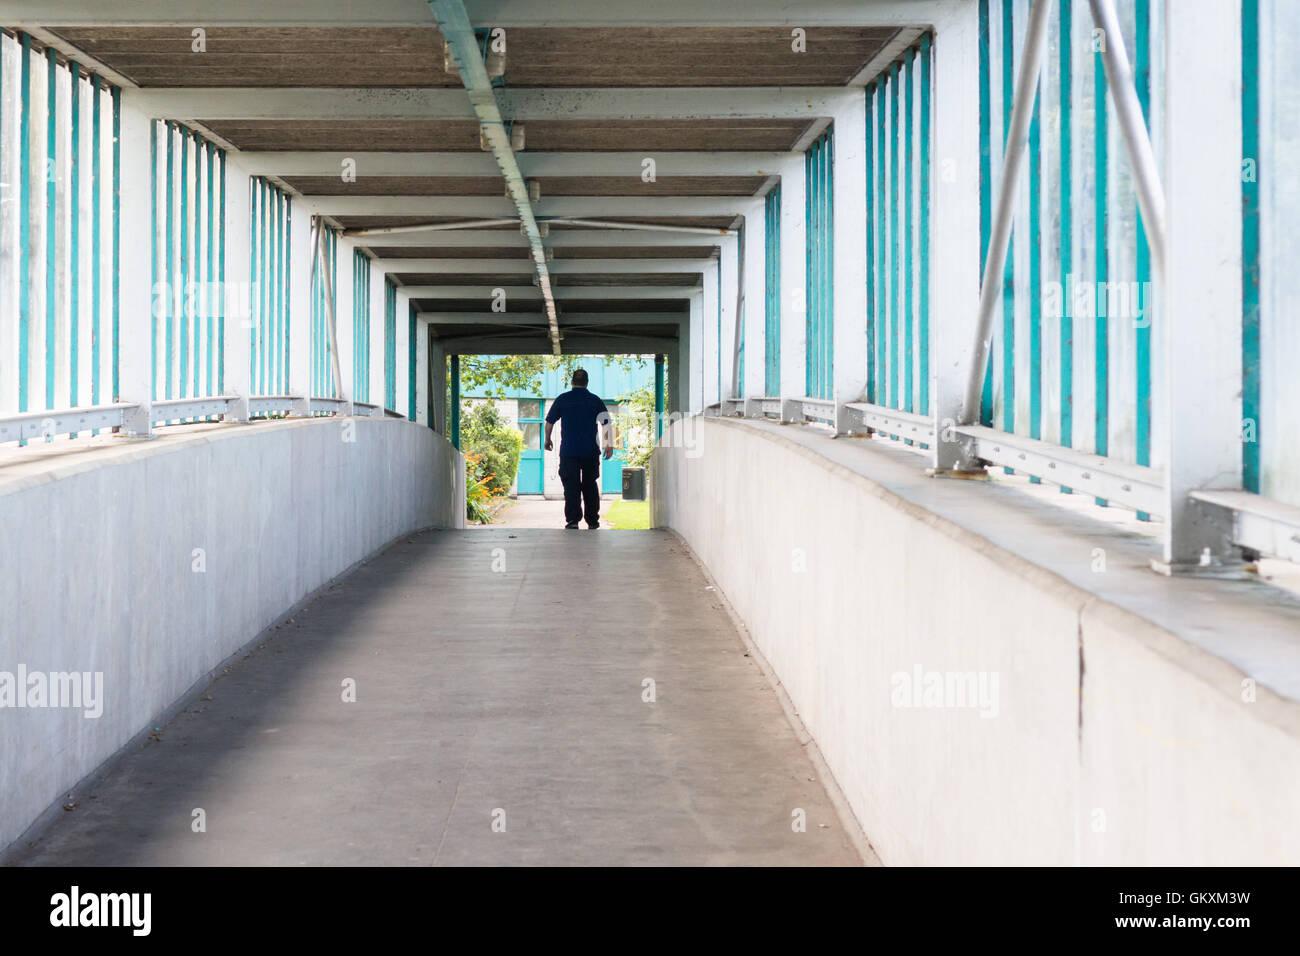 Southwaite Dienstleistungen auf Autobahn M6 Richtung Norden - Fußgängerbrücke führt zu Marken Stockbild